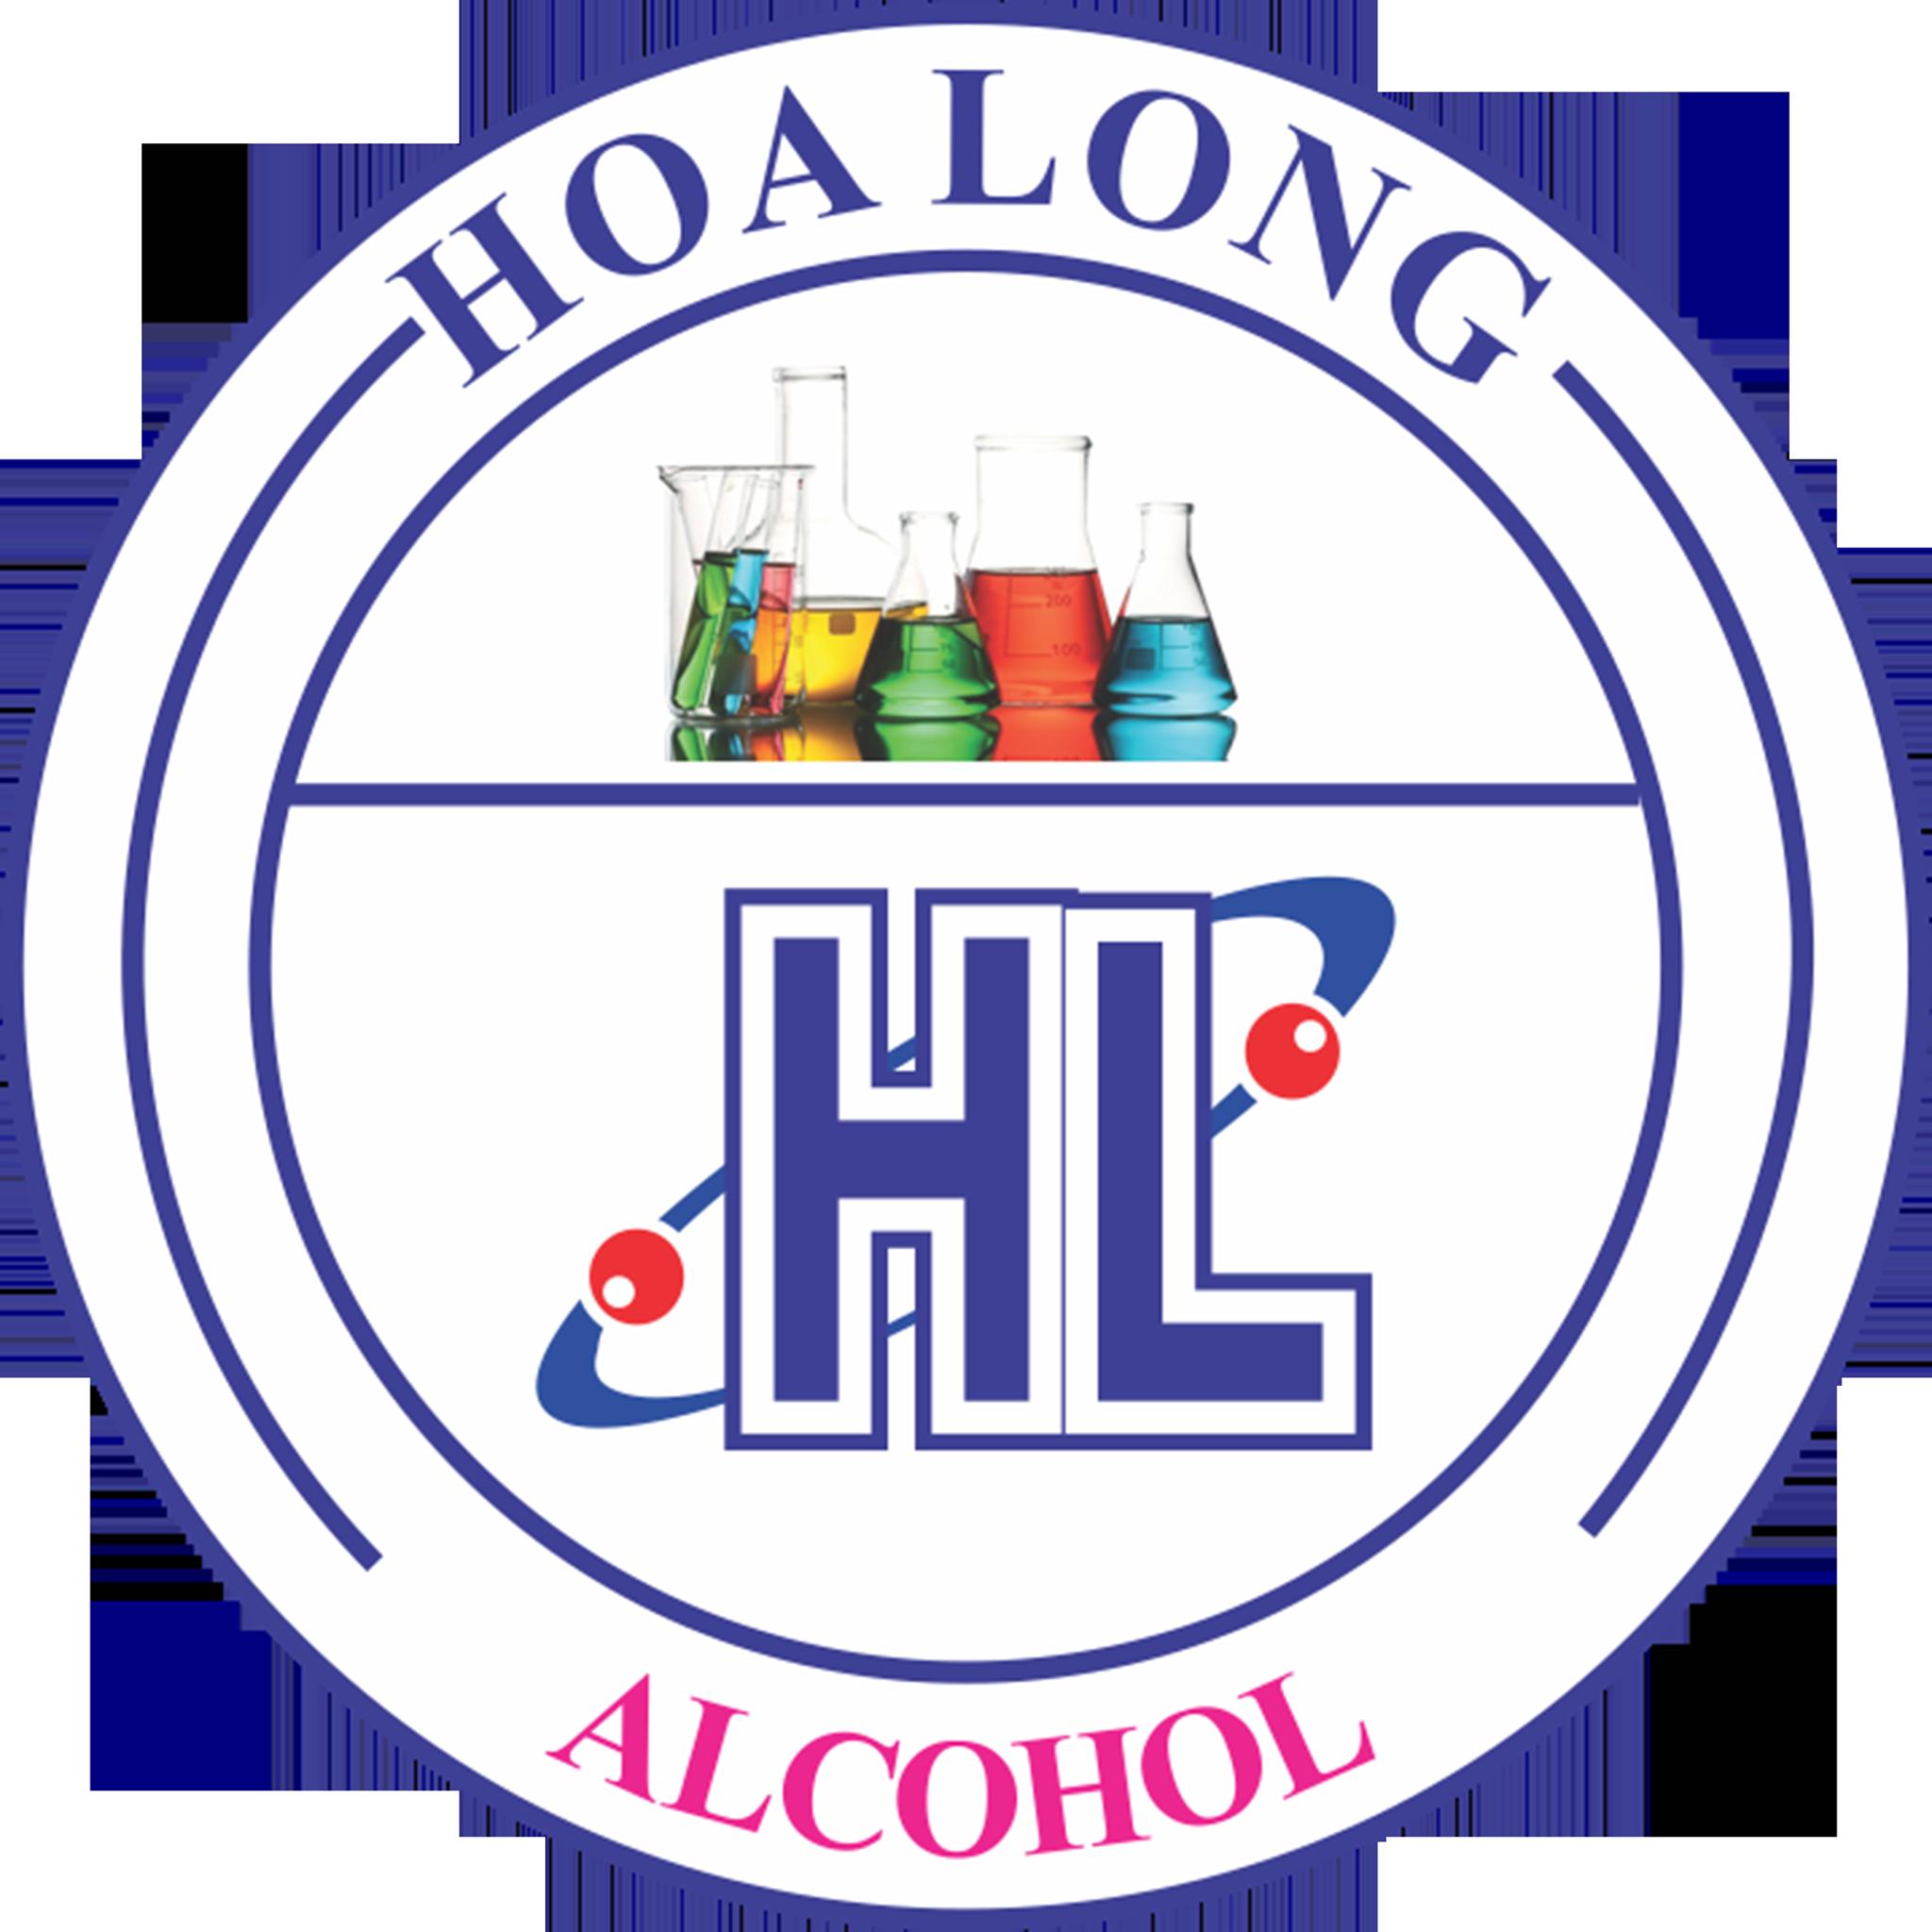 HoaLong Alcohol